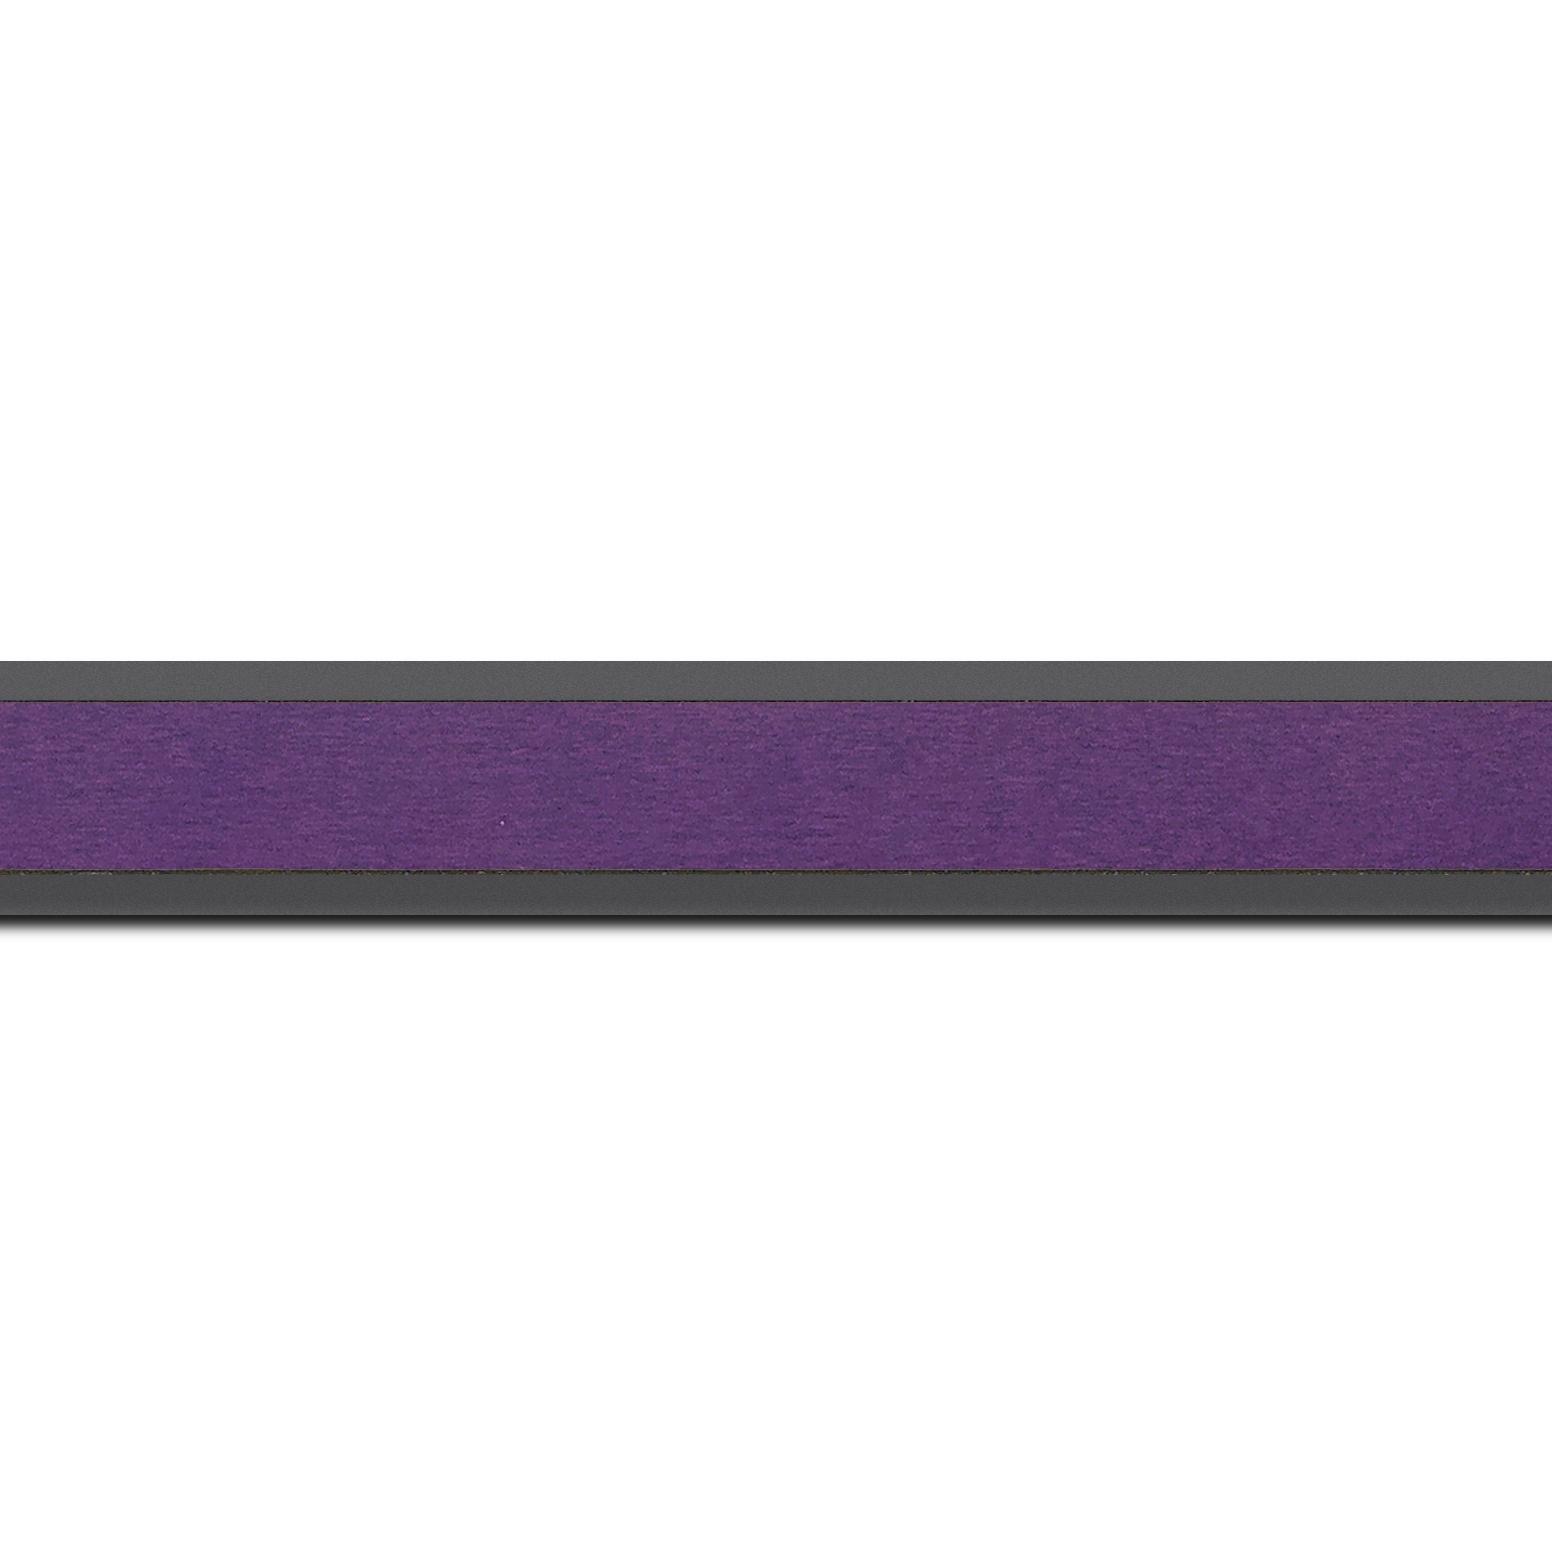 Baguette longueur 1.40m bois essence marupa profil plat largeur 2.5cm plaquage érable teinté violet,  filet intérieur et extérieur gris foncé